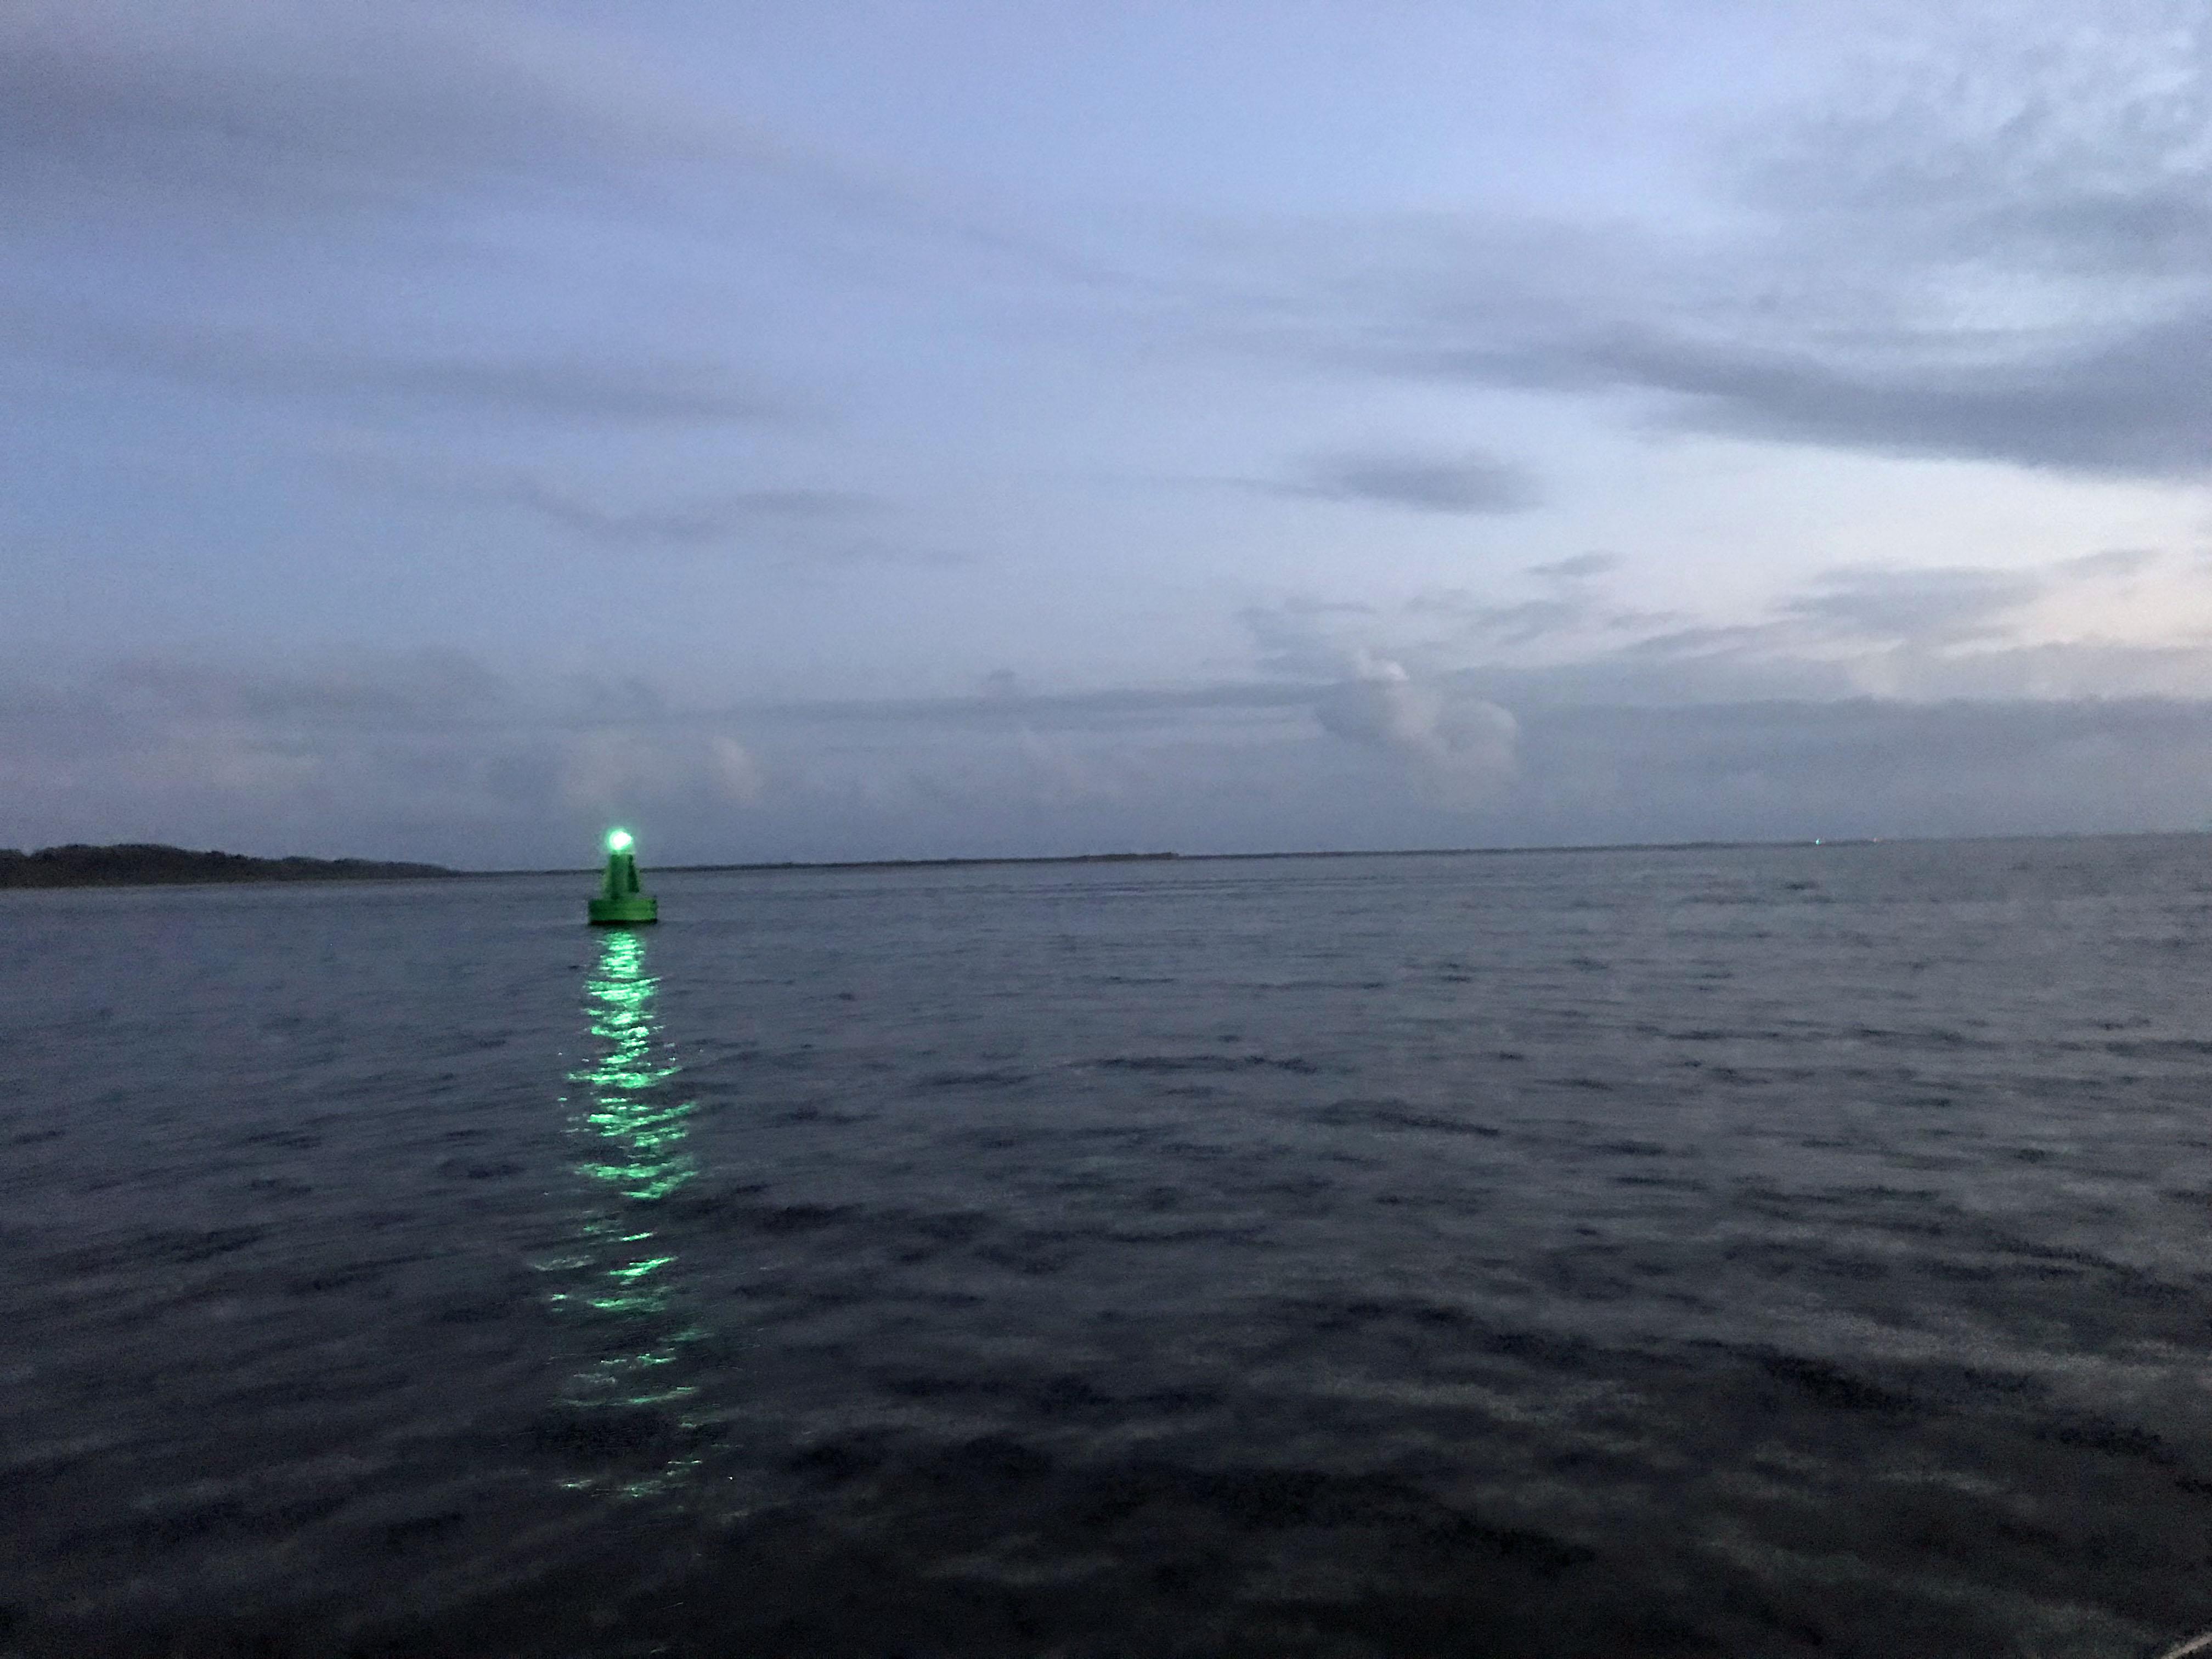 Bei Stellendam auf der Nordsee